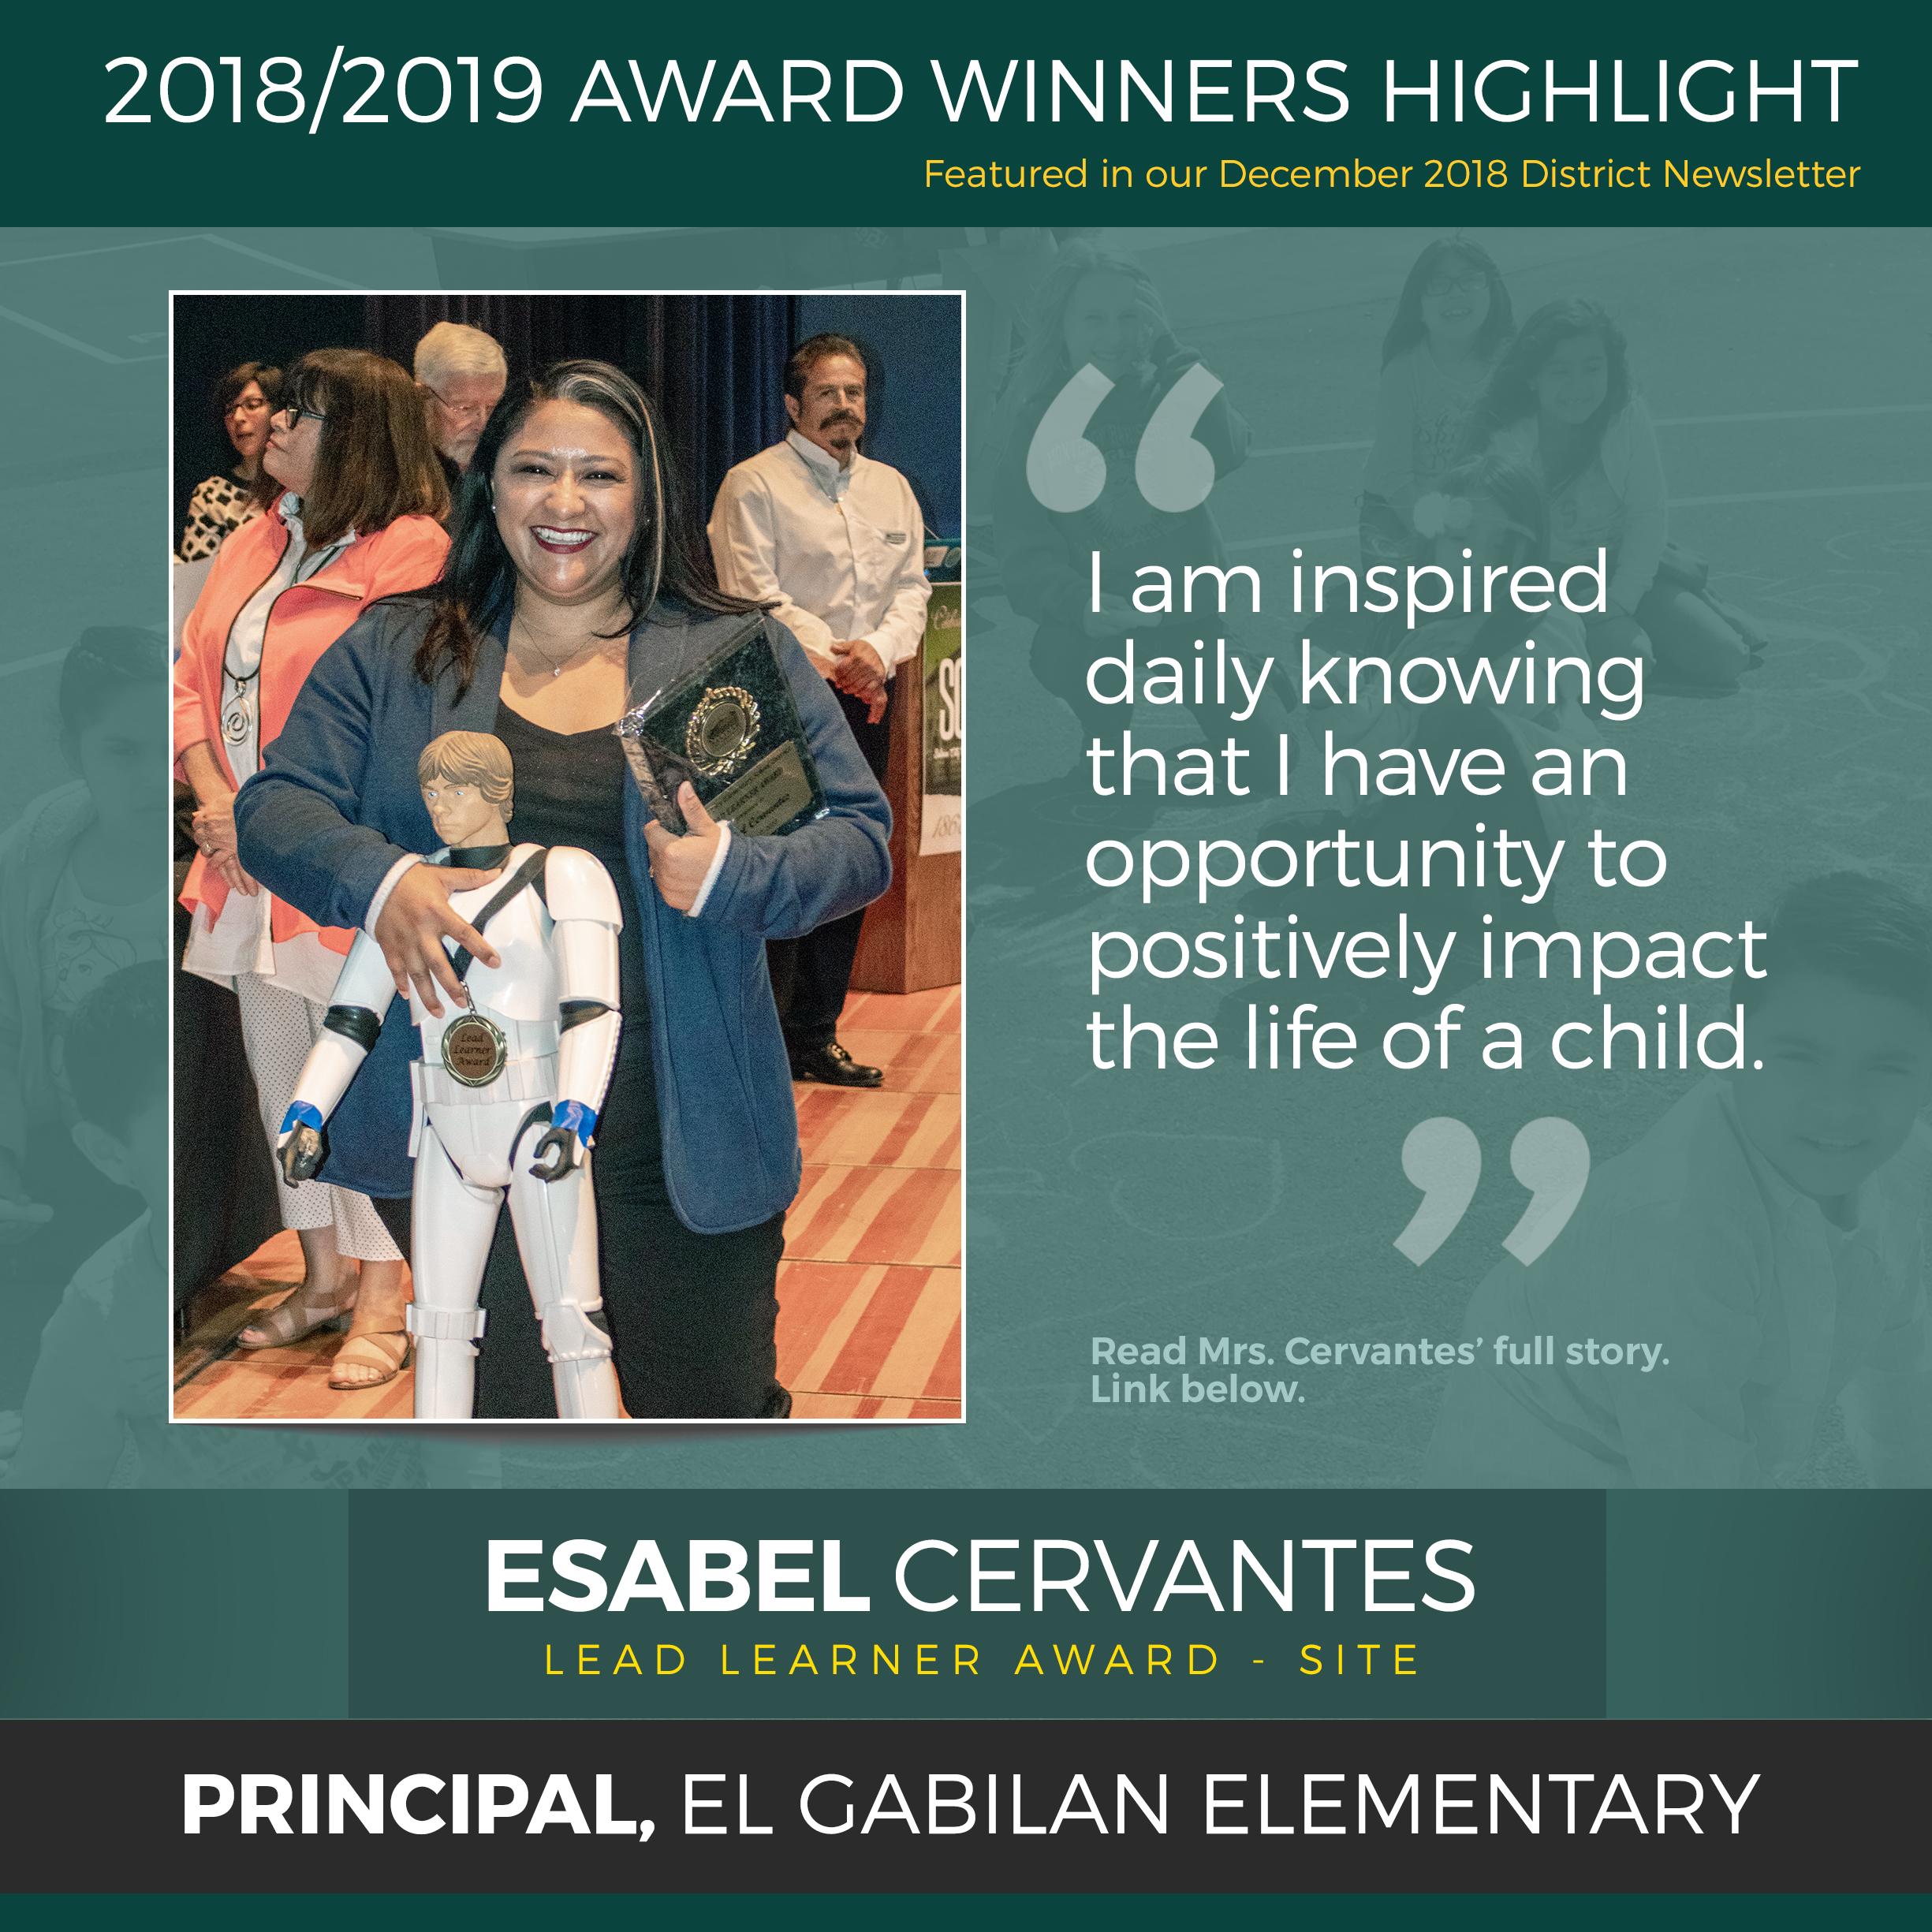 Esabel_LL_Award Winner Hightlight_Social Ad.jpg